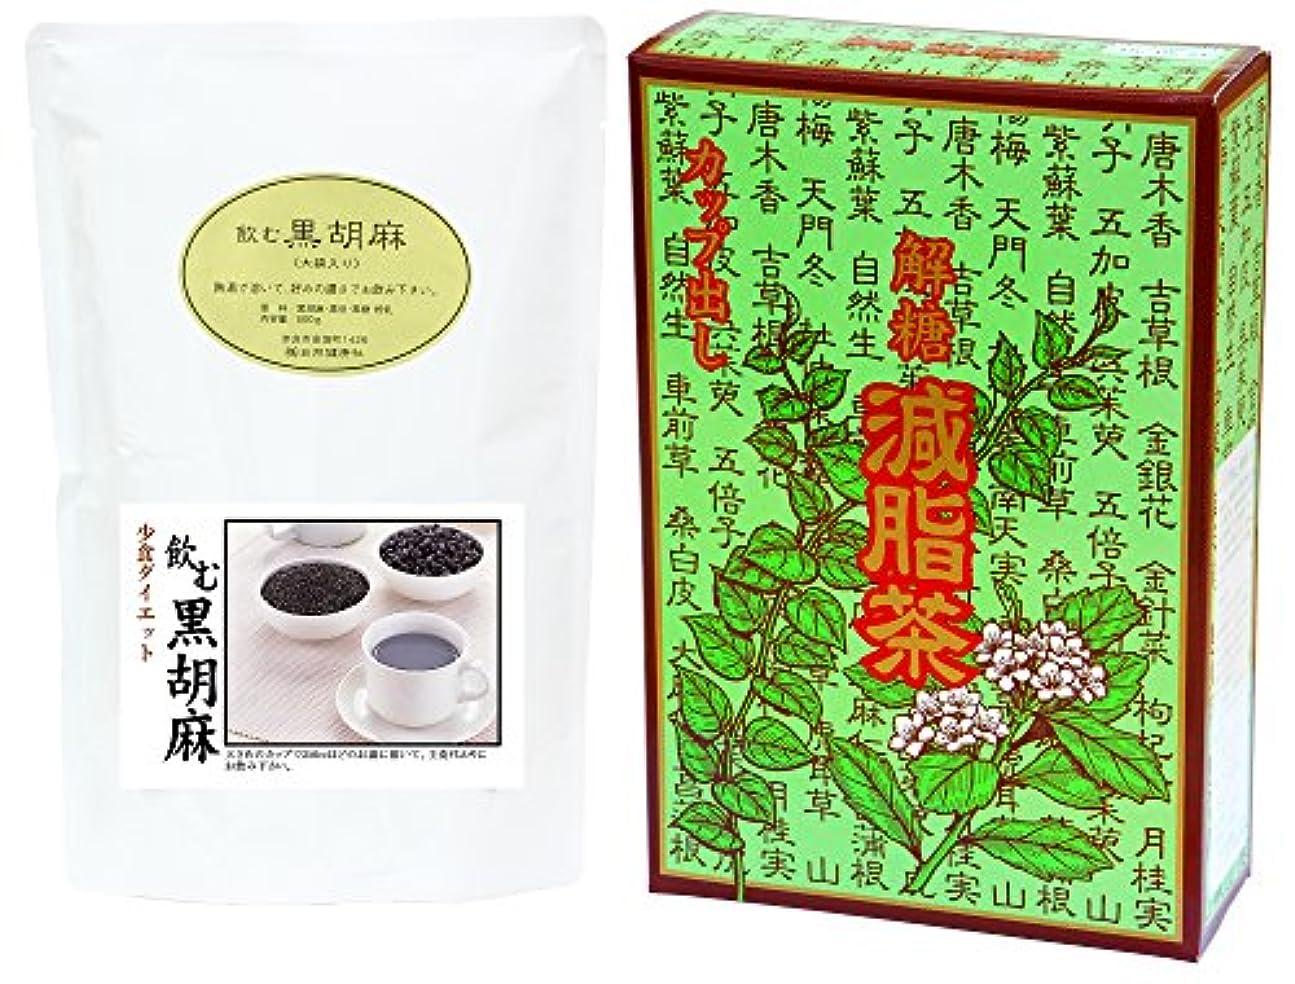 ヨーグルト提供さておき自然健康社 飲む黒胡麻?徳用 40食 + 減脂茶?箱 64パック